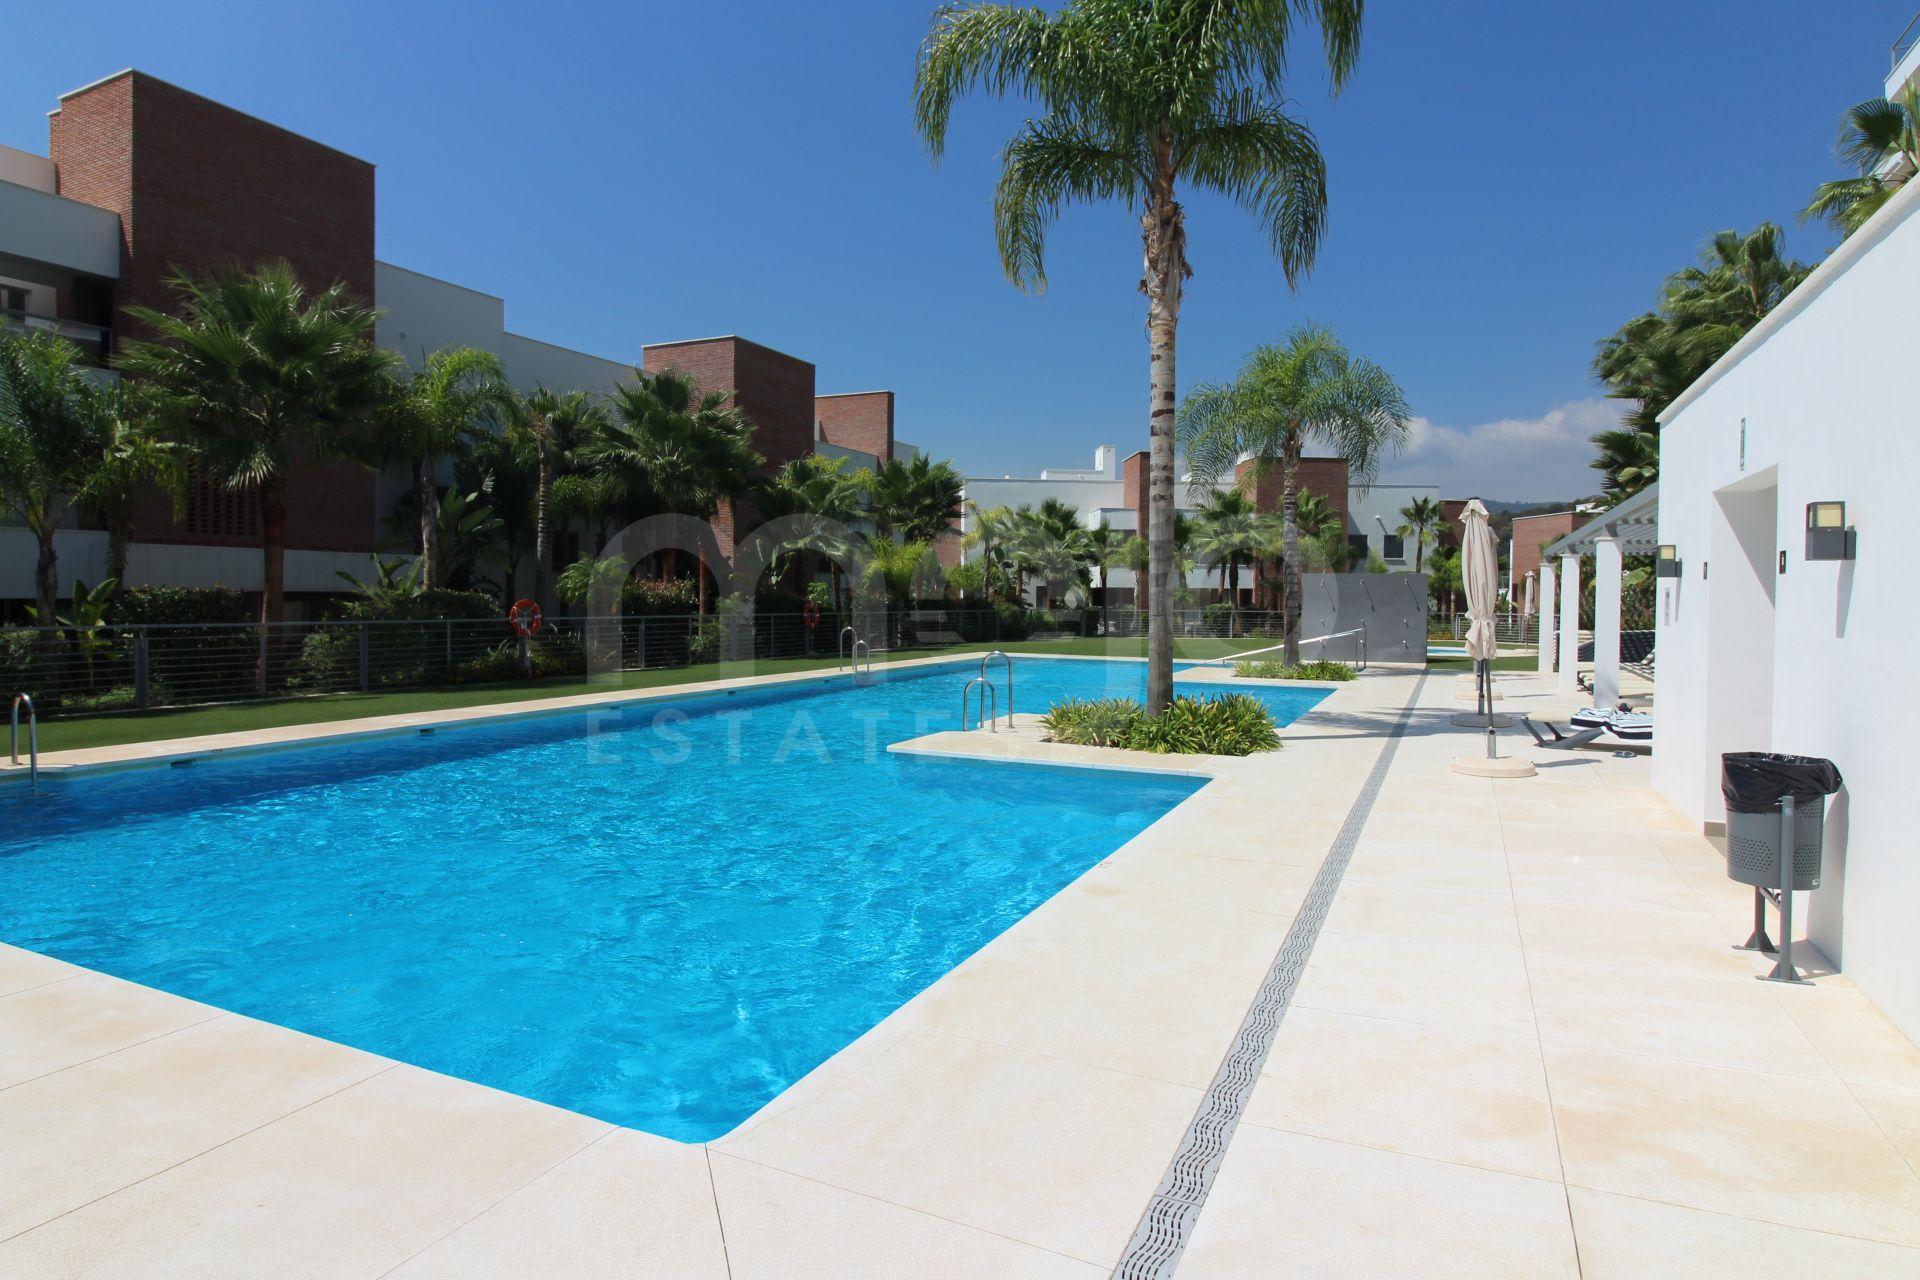 Lejlighed til salg i Los Arqueros, Benahavis